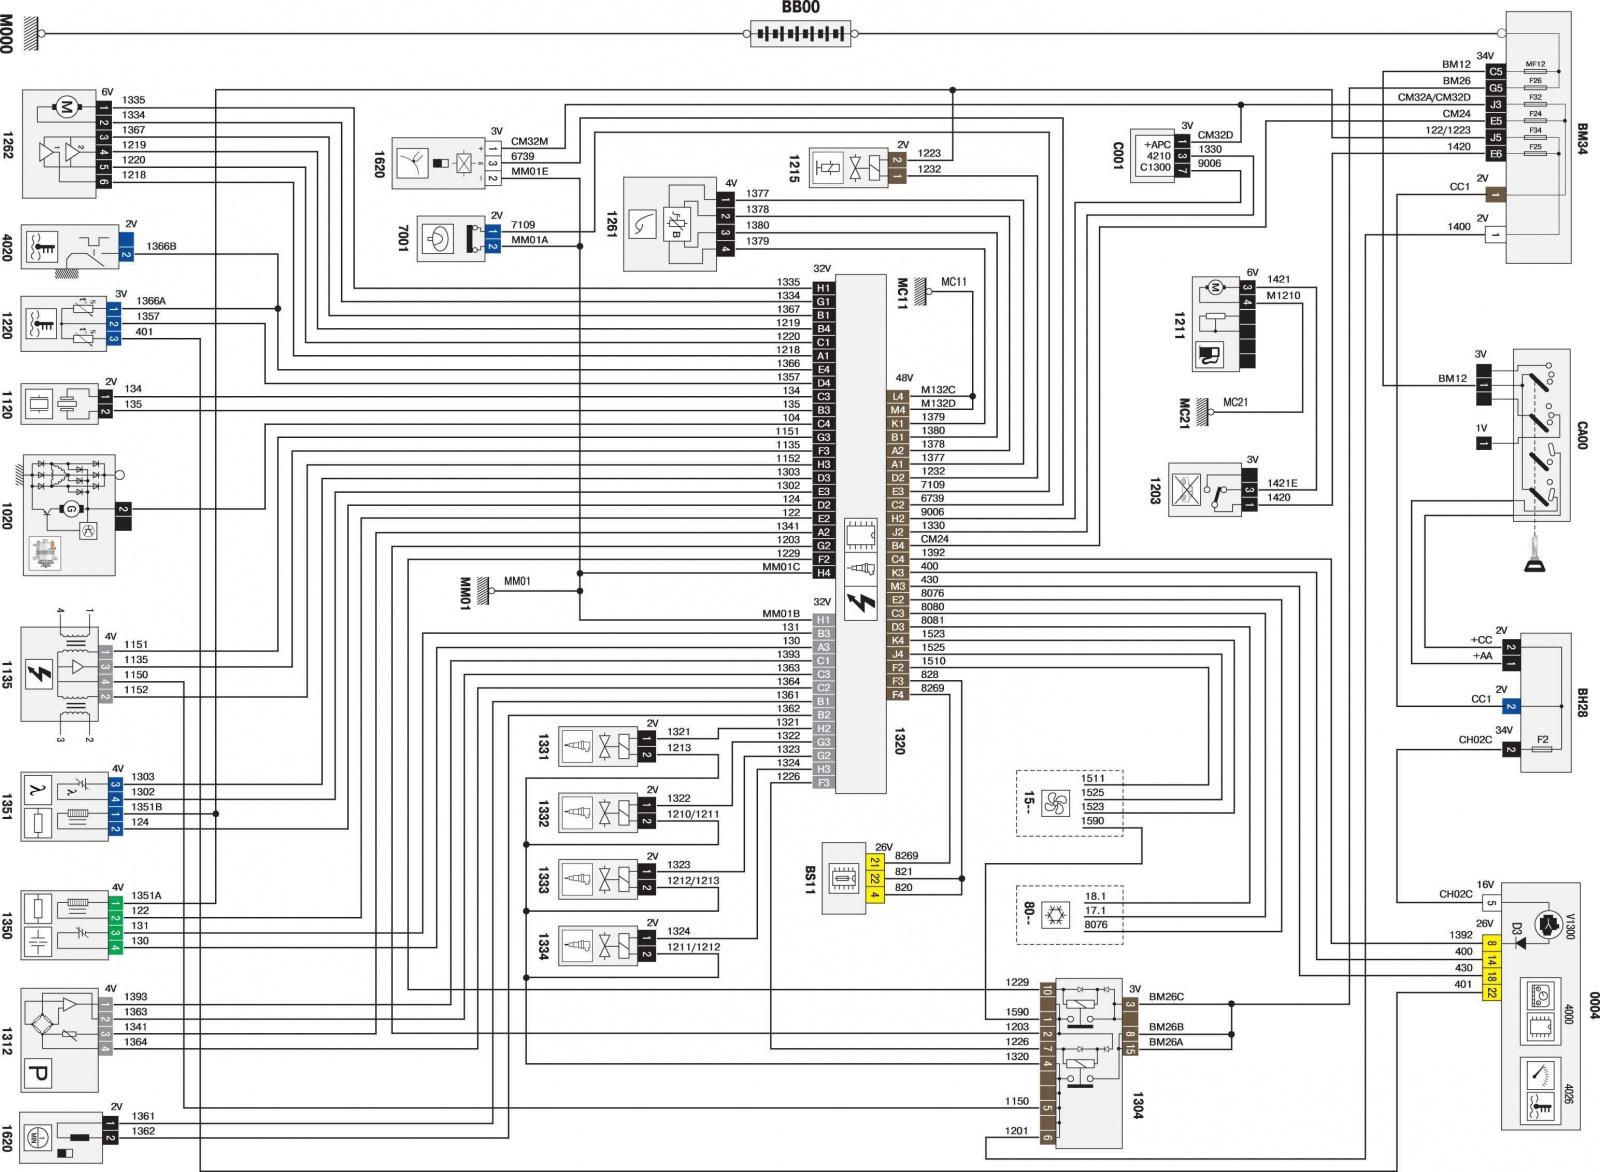 Инструкция по эксплуатации пежо 206 2001 года